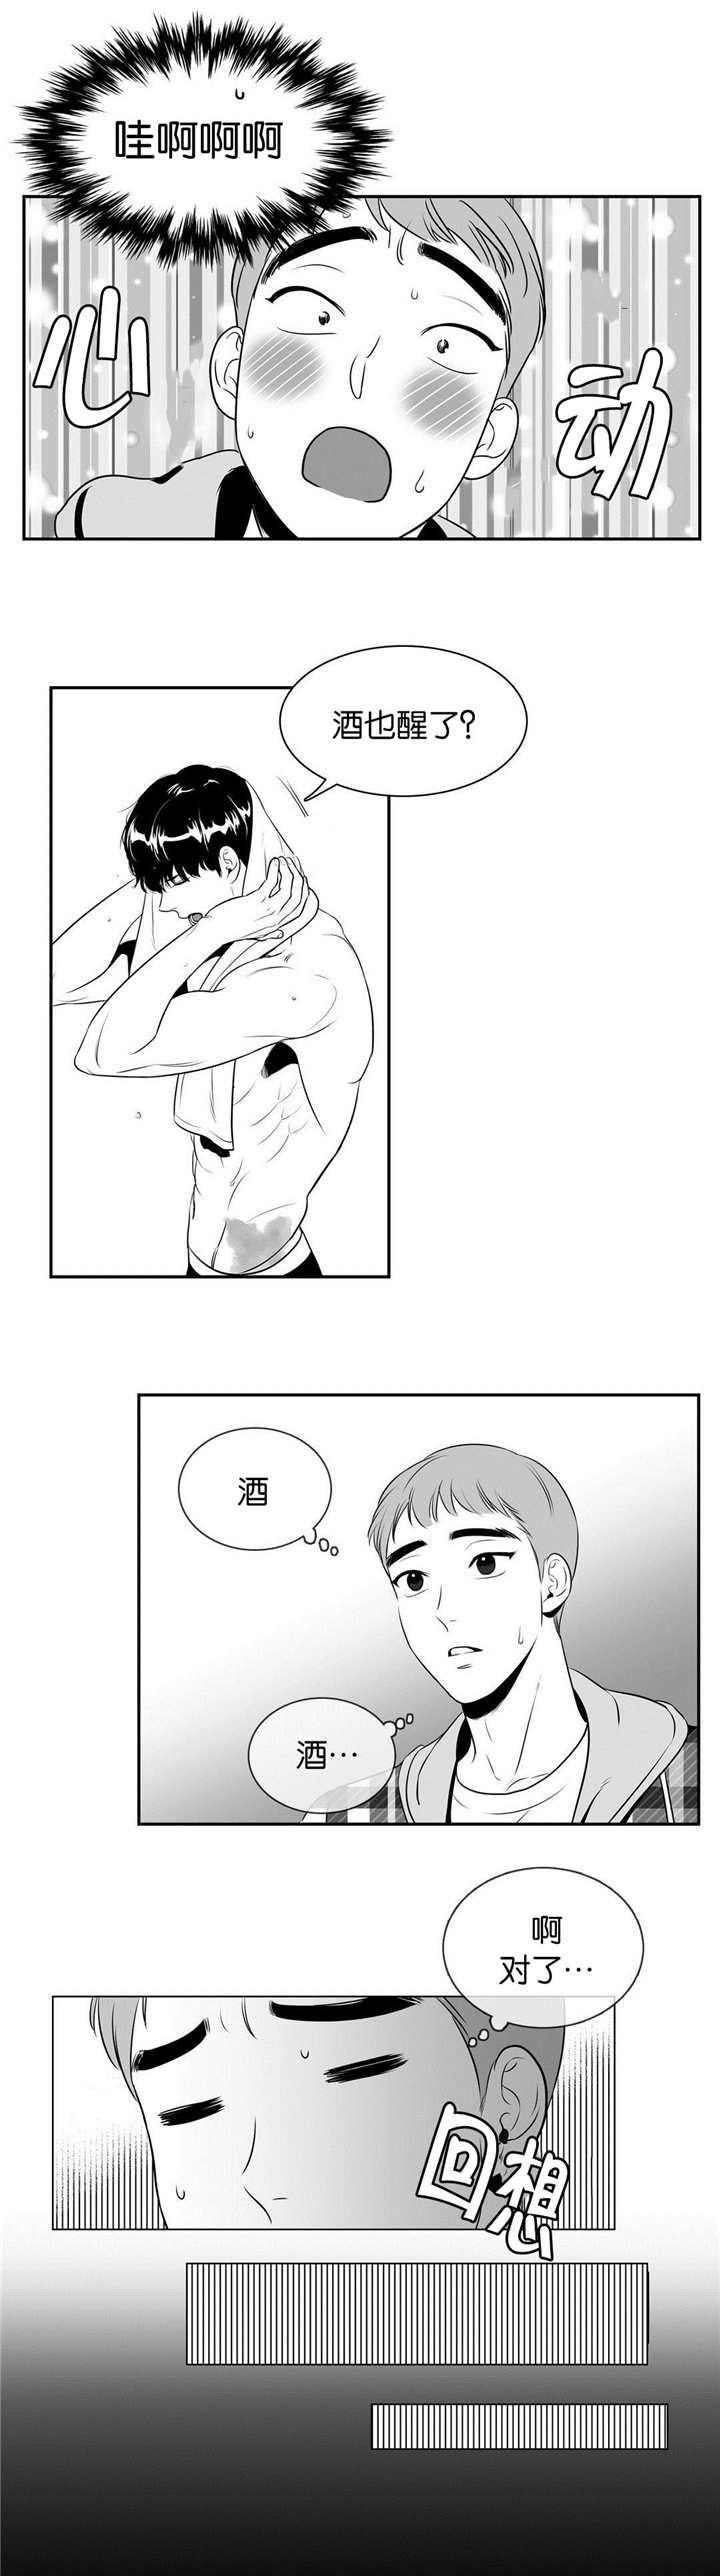 韩国漫画《我的主播男友》无删减-百度云网盘资源合集